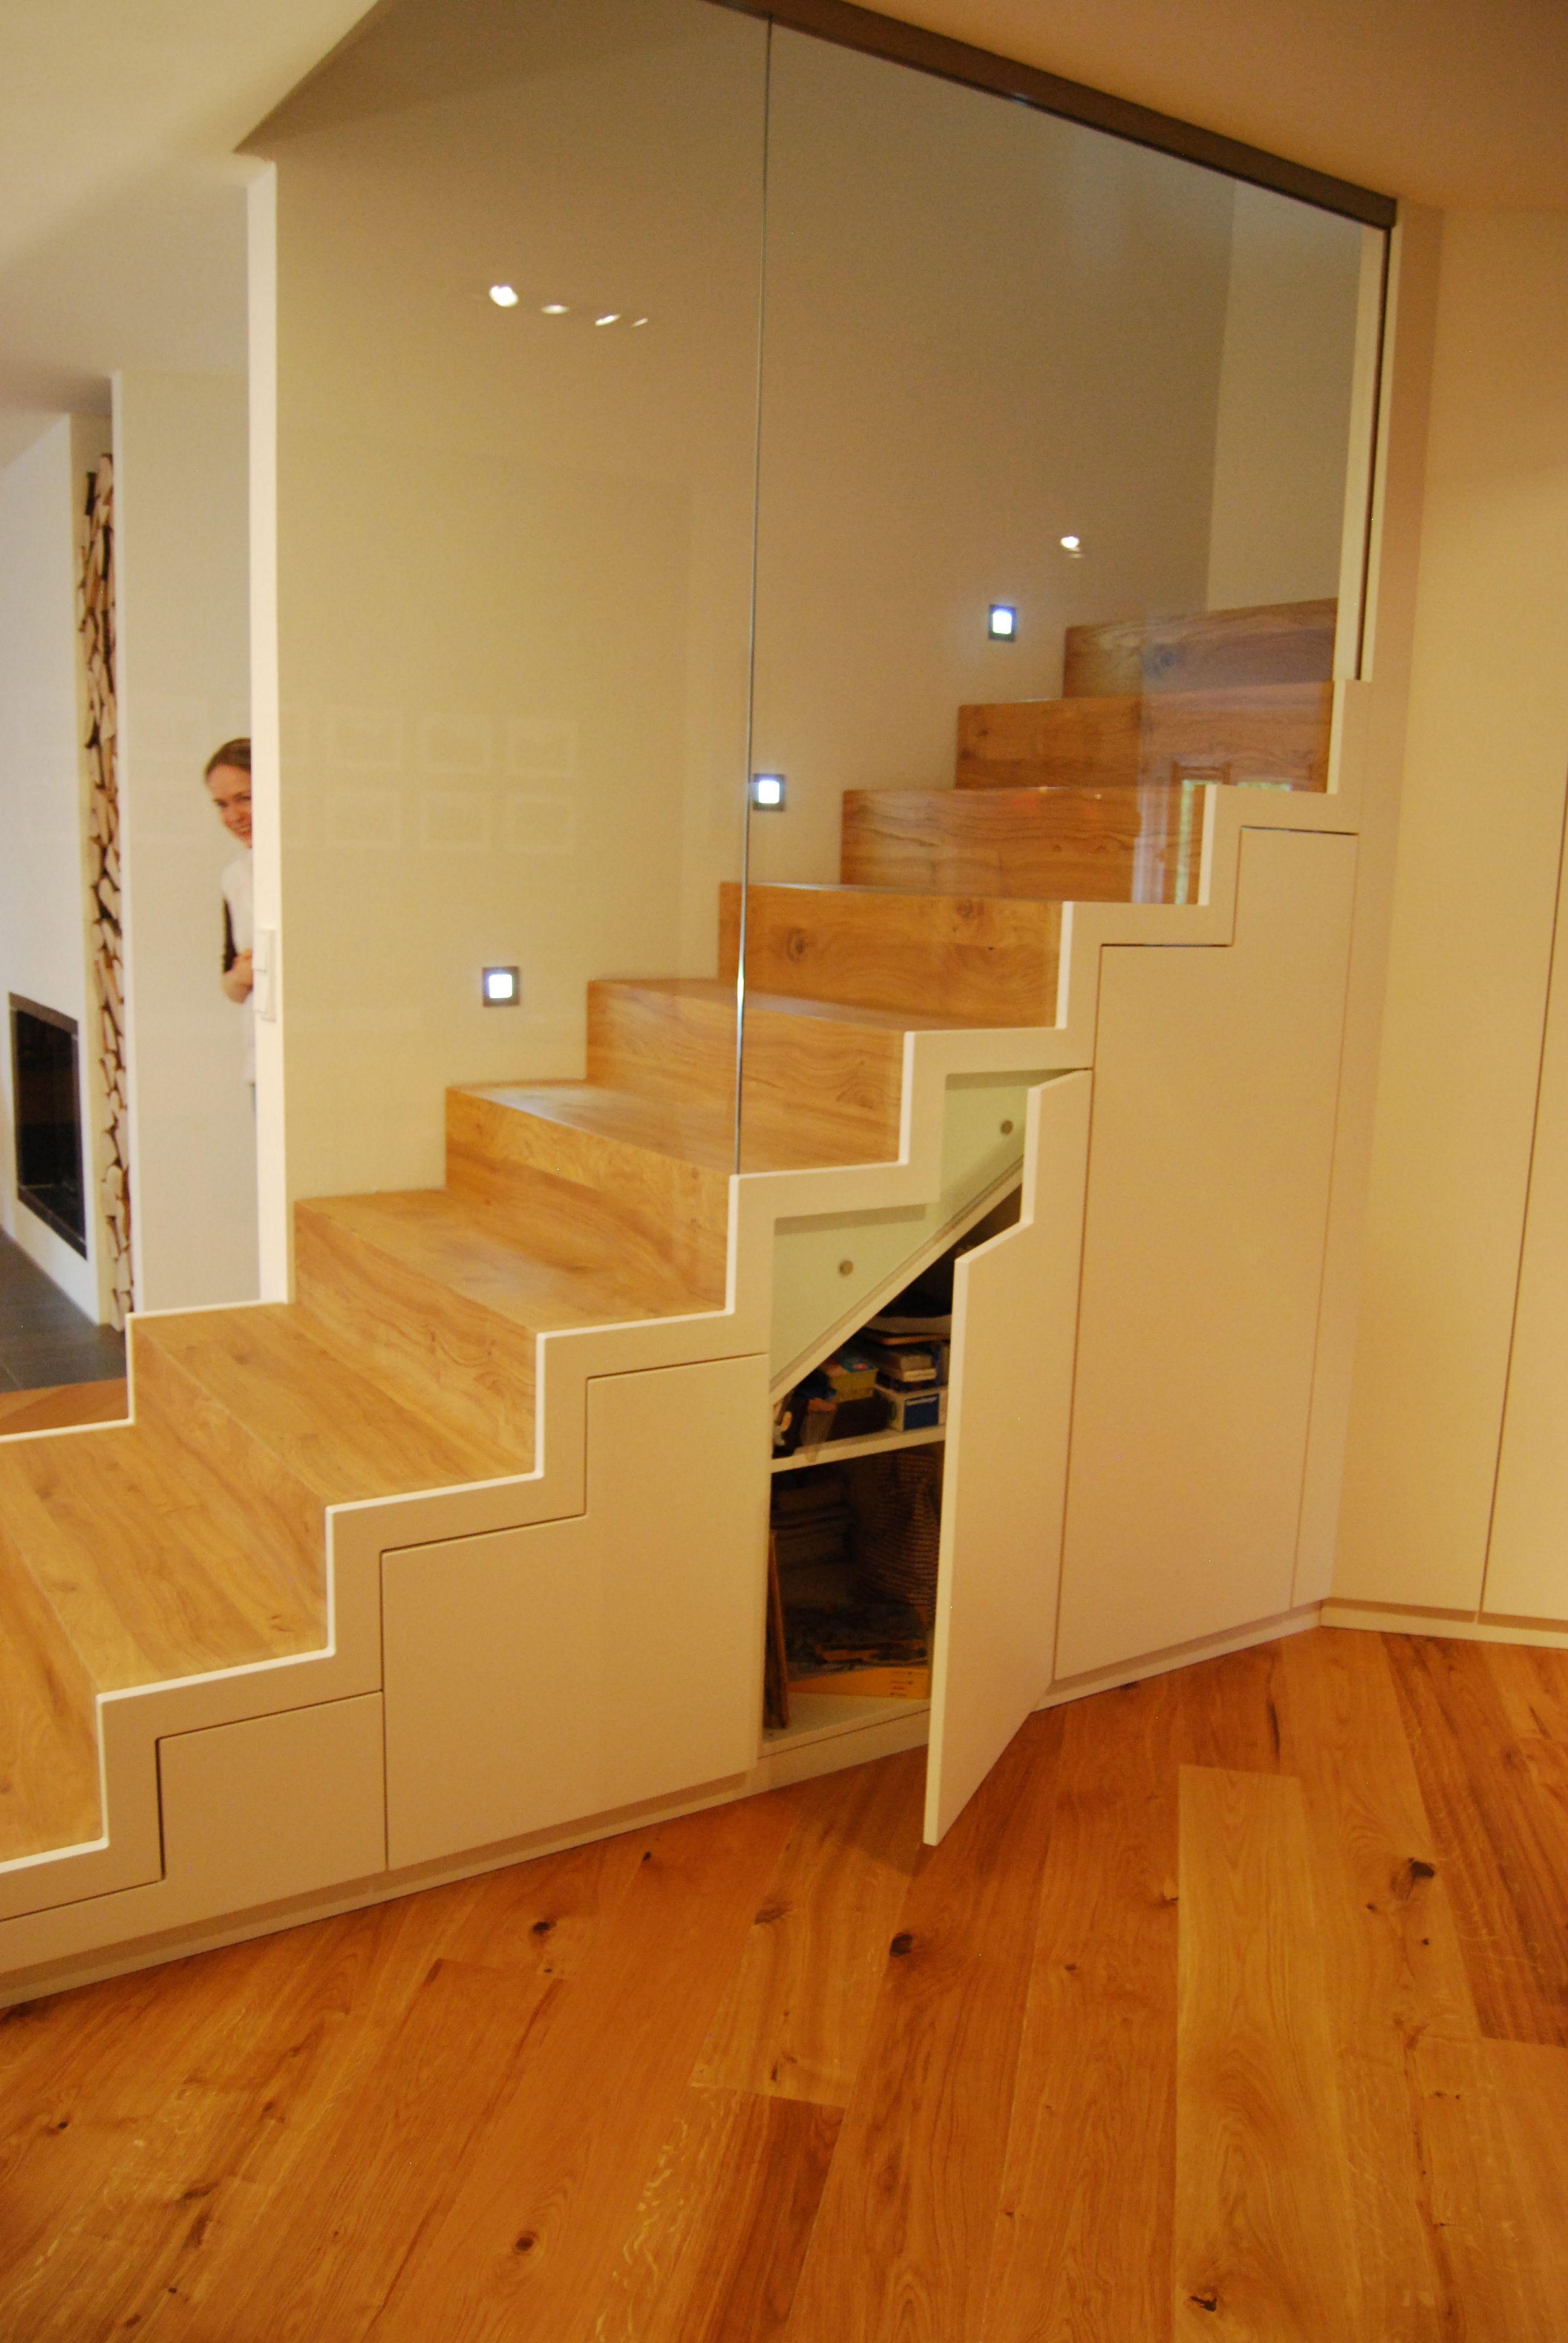 Massgefertigte Schrank Treppe Aus Holz Mit Glaswand Was Mir Gefallt